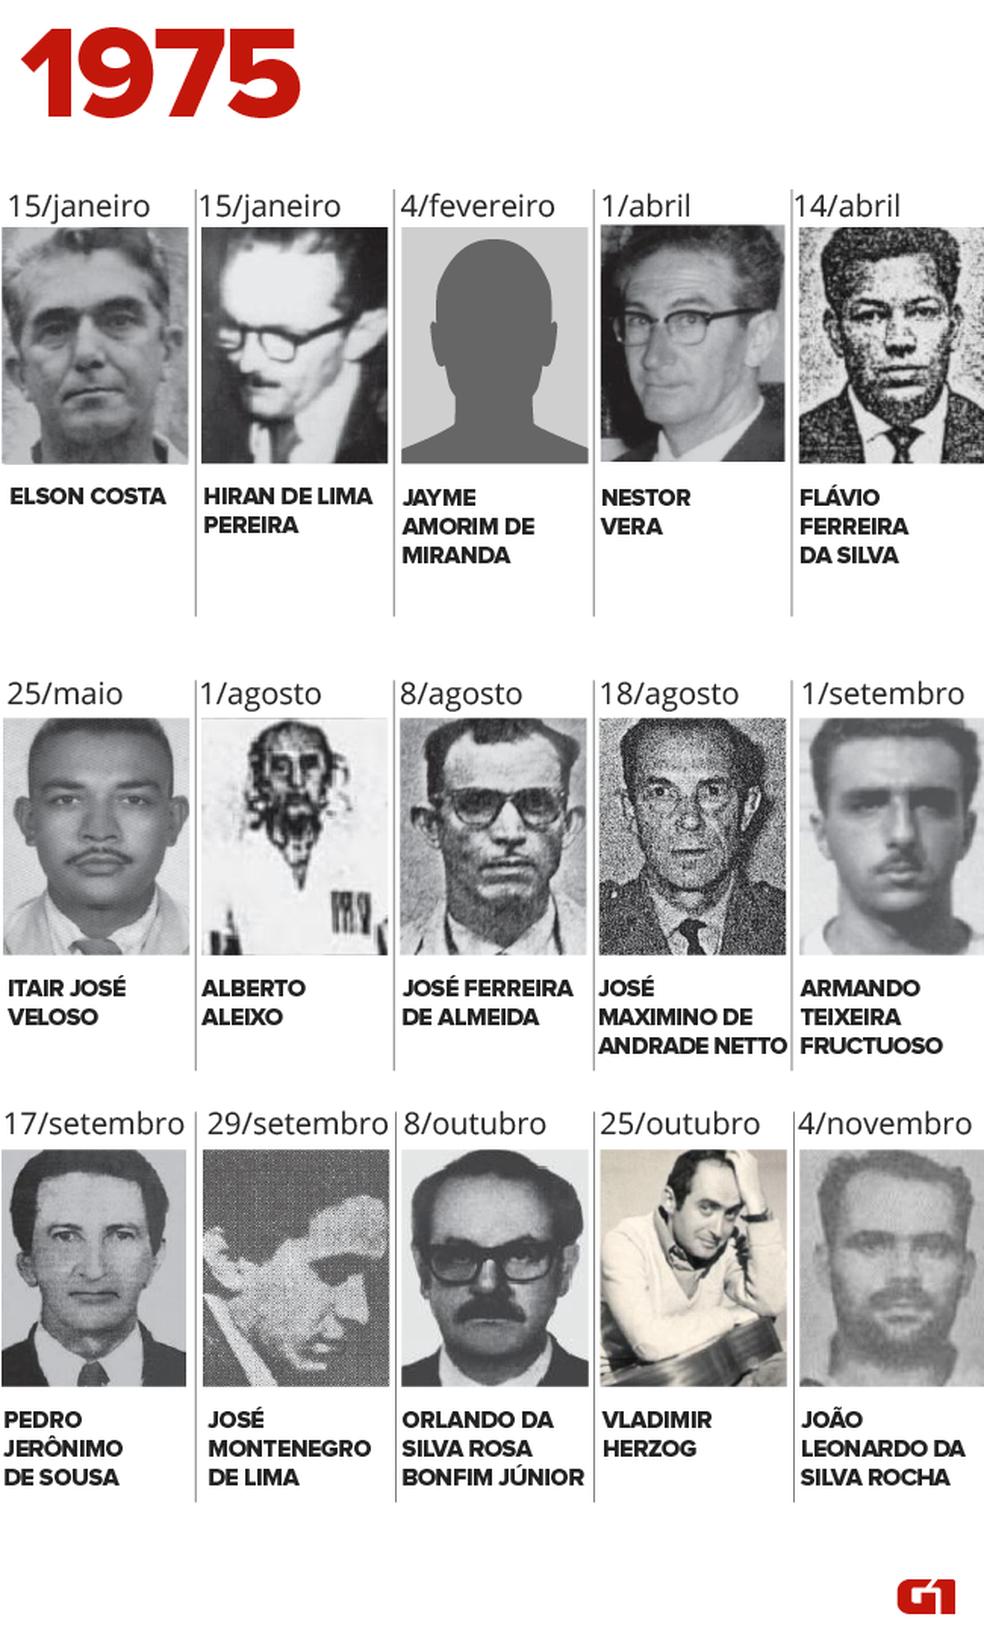 Desaparecidos e mortos na ditadura militar em 1975 (Foto: Igor Estrela/G1)